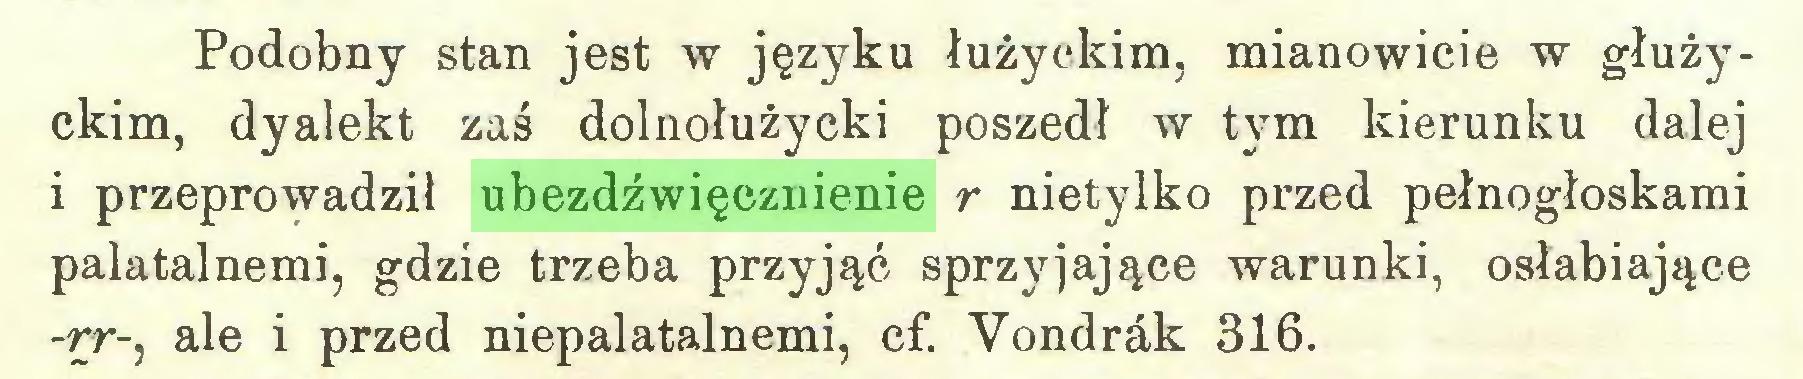 (...) Podobny stan jest w języku łużyckim, mianowicie w głużyckim, dyalekt zaś dolnołużycki poszedł w tym kierunku dalej i przeprowadził ubezdźwięcznienie r nietylko przed pełnogłoskami palatalnemi, gdzie trzeba przyjąć sprzyjające warunki, osłabiające -rr-, ale i przed niepalatalnemi, cf. Vondrák 316...